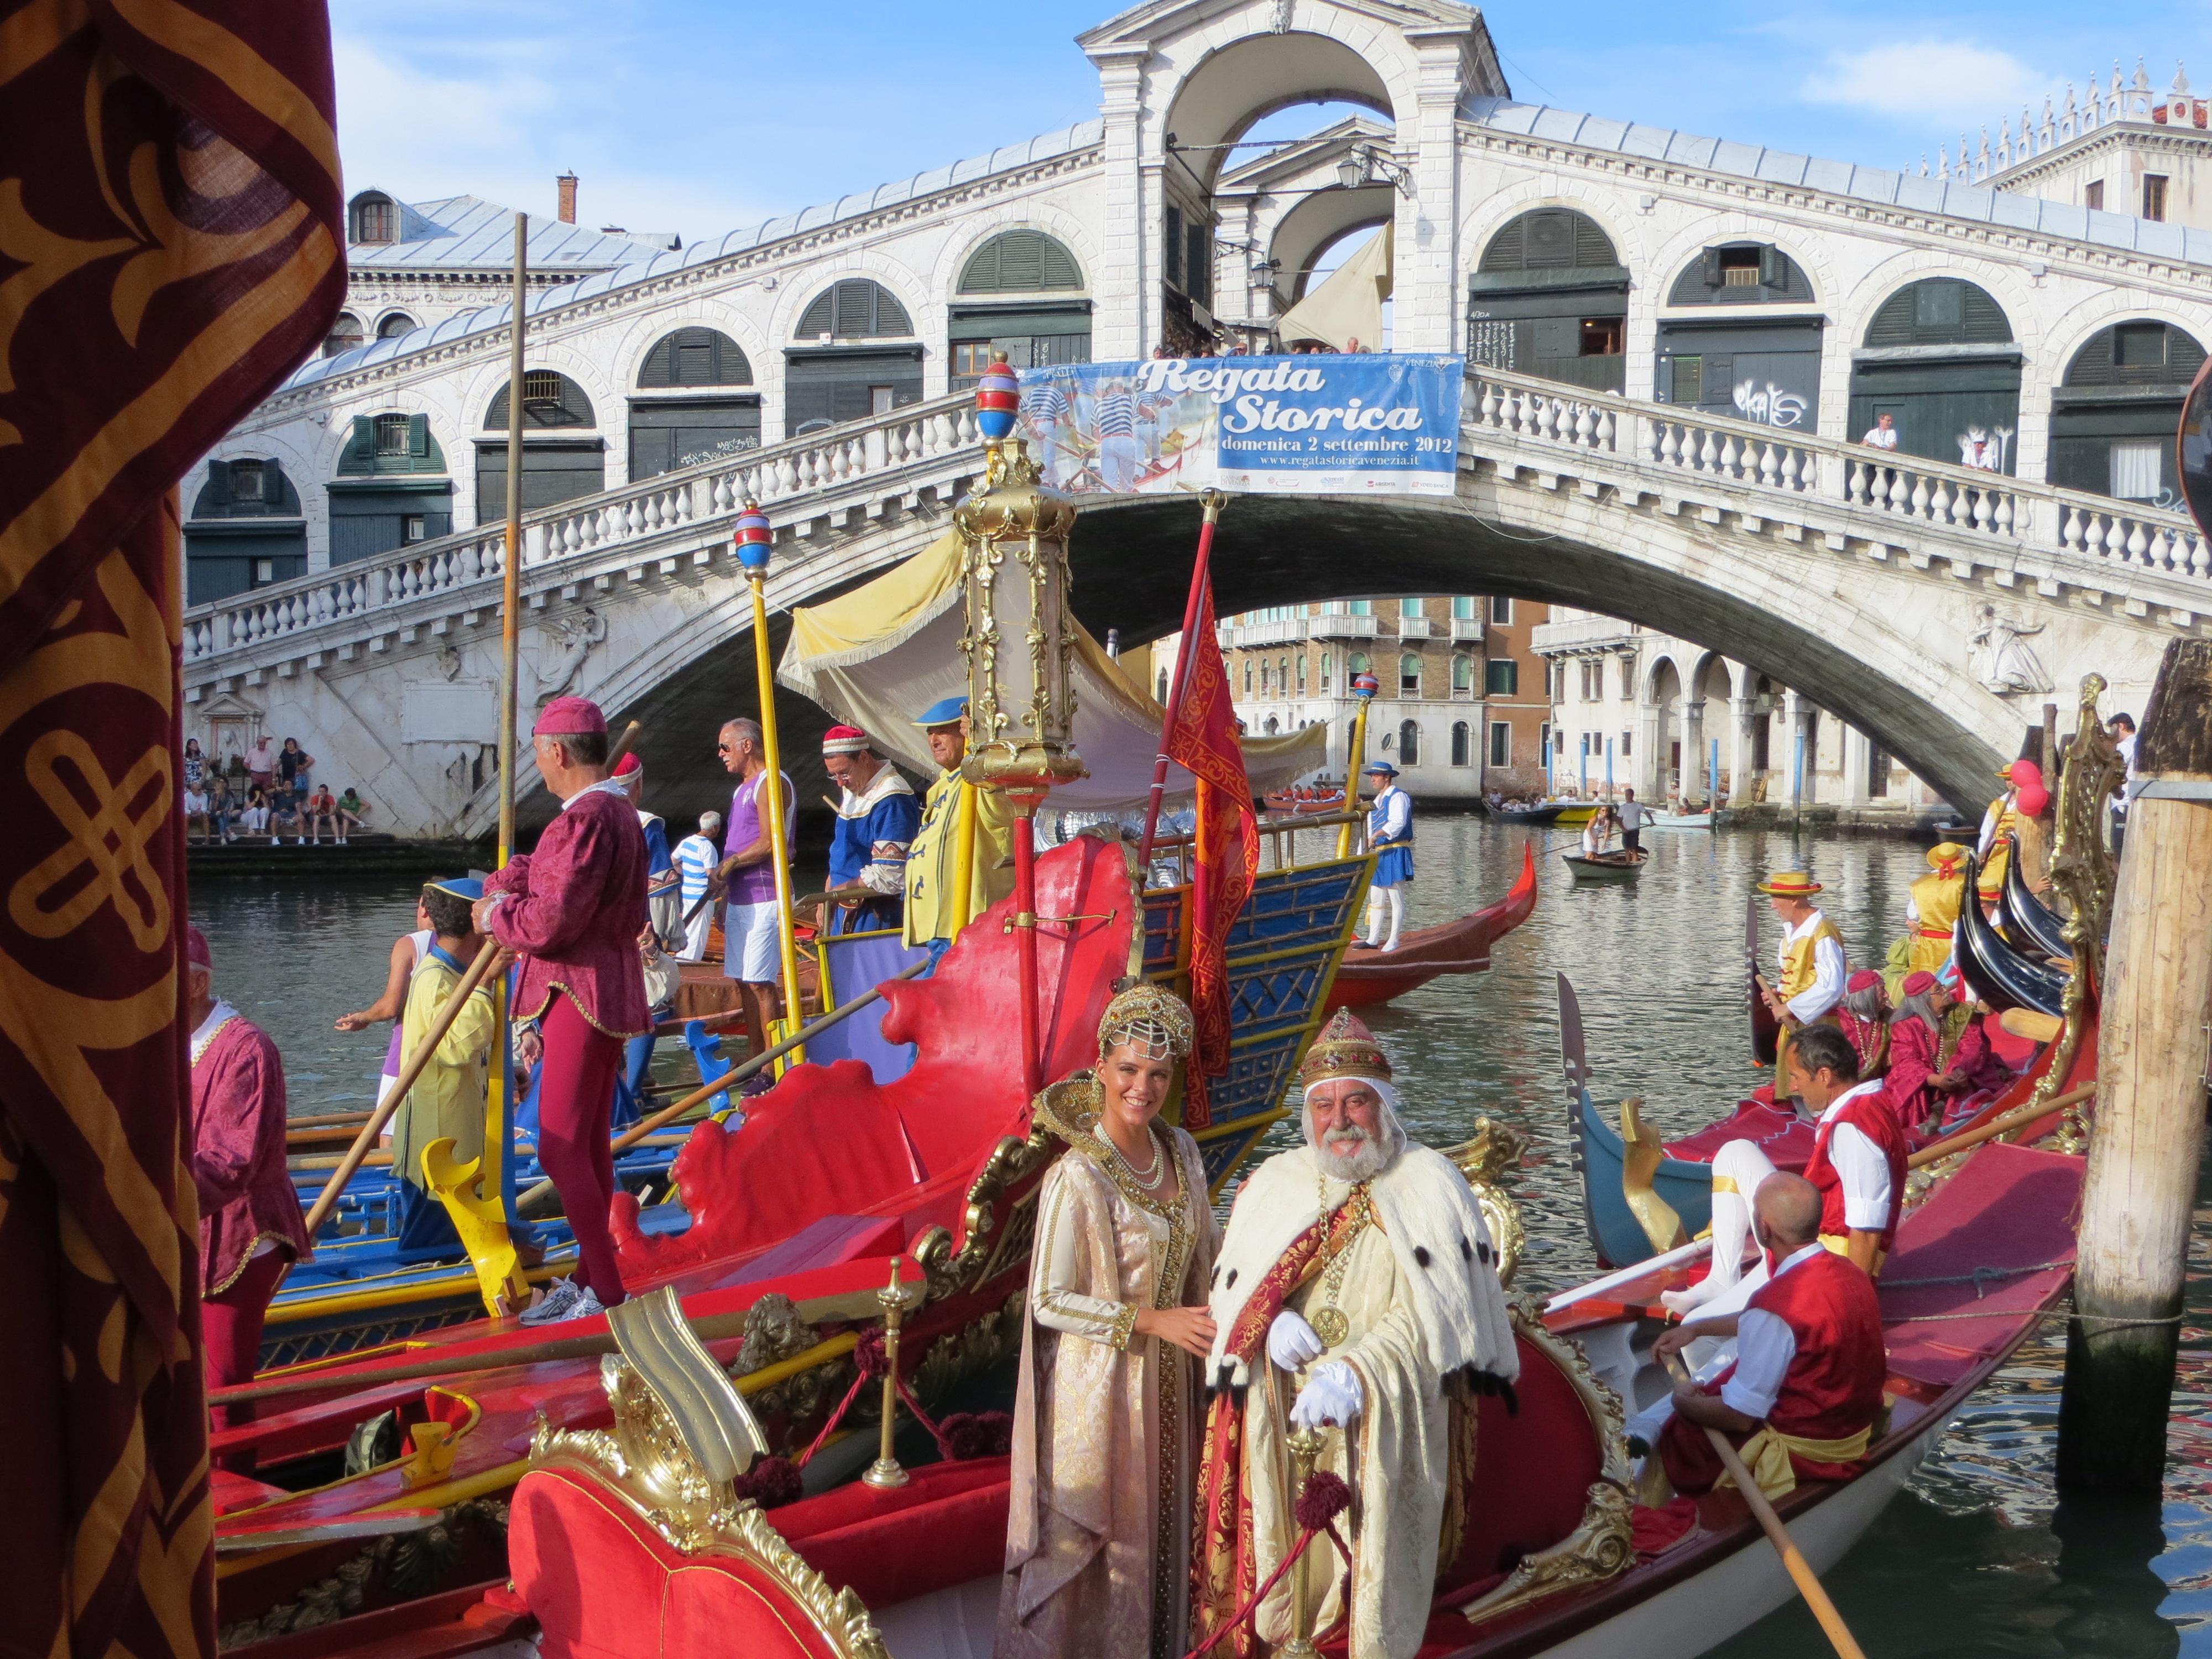 Regata Storica – Venezia 2012